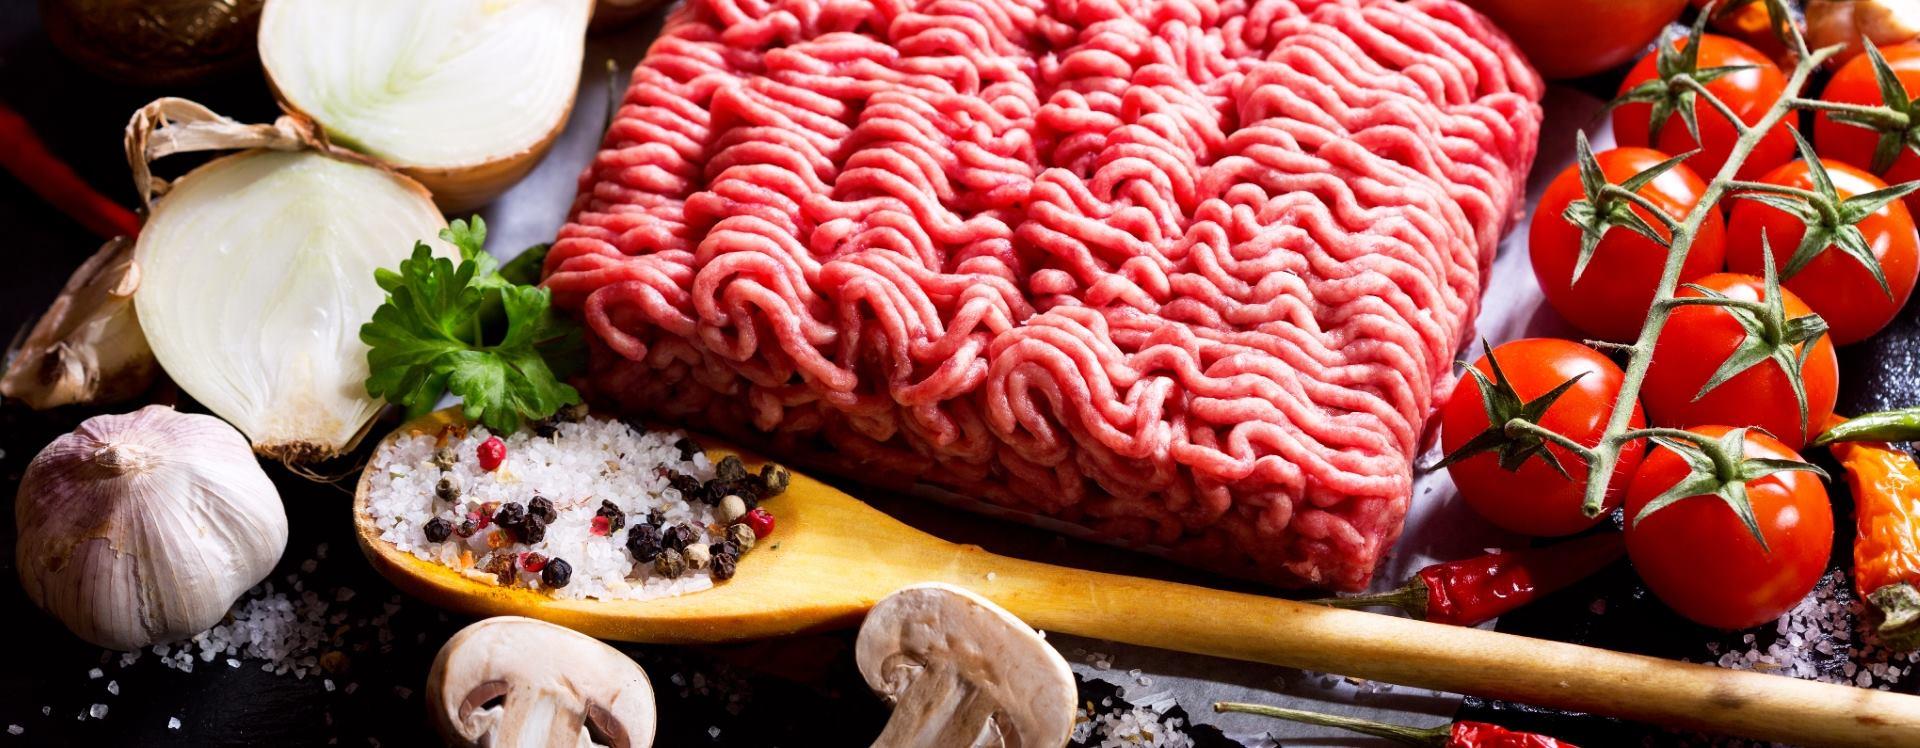 NEOPHODAN NUTRIJENT Kolin iz crvenog mesa pozitivno utječe na jetru i mozak